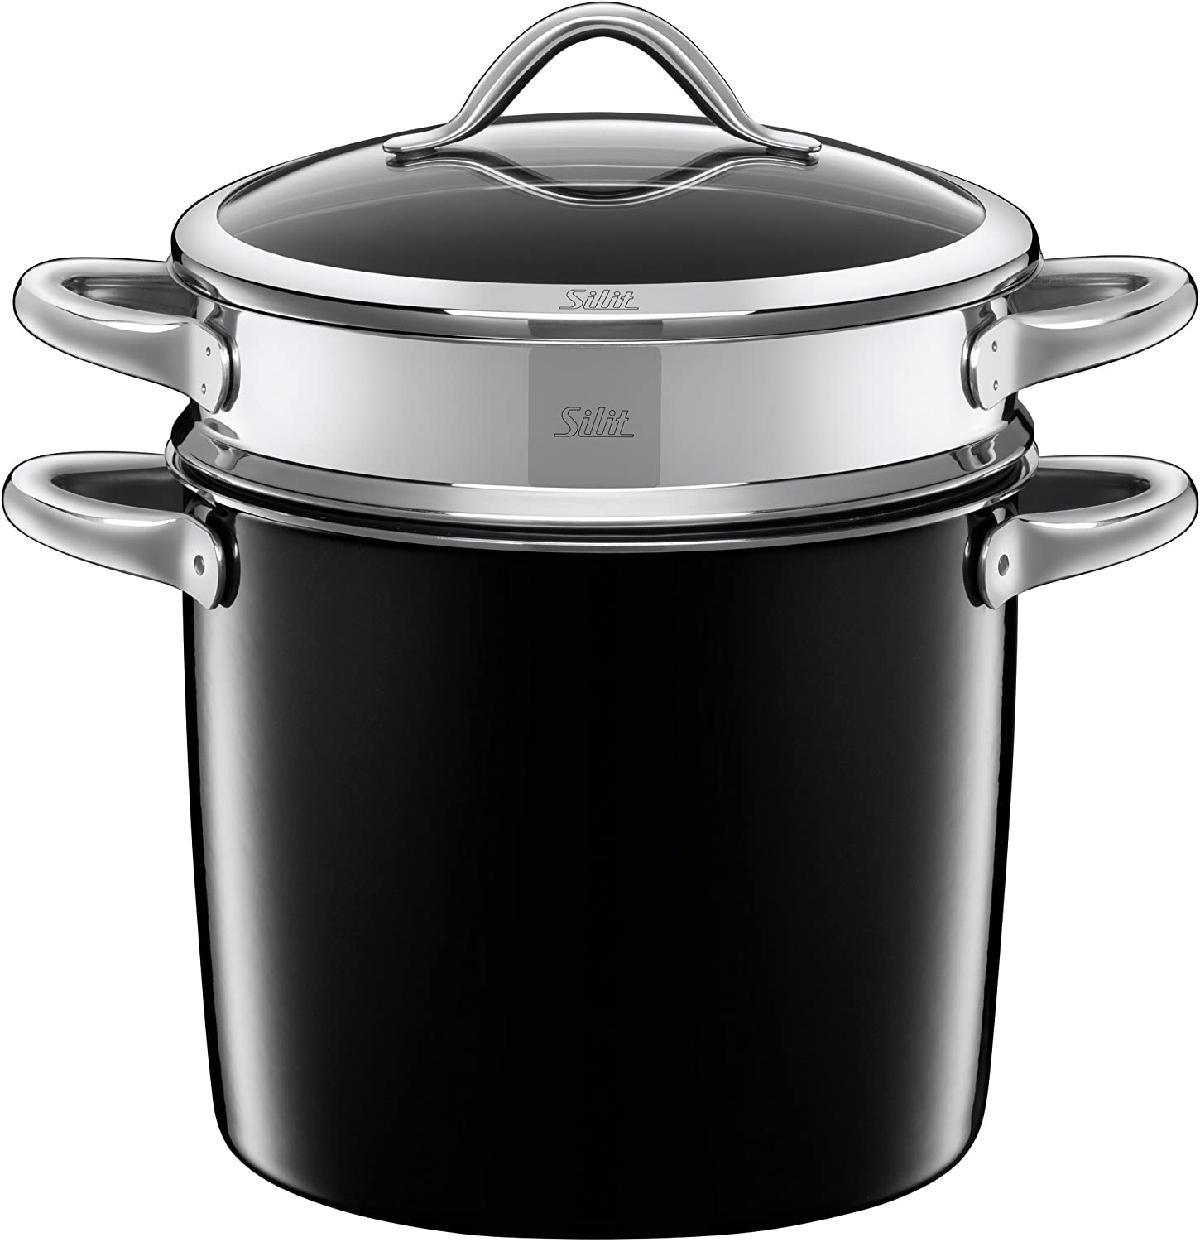 Silit(シリット)ヴィタリアーノ パスタポット24cm ネロ ブラック S0524185011の商品画像